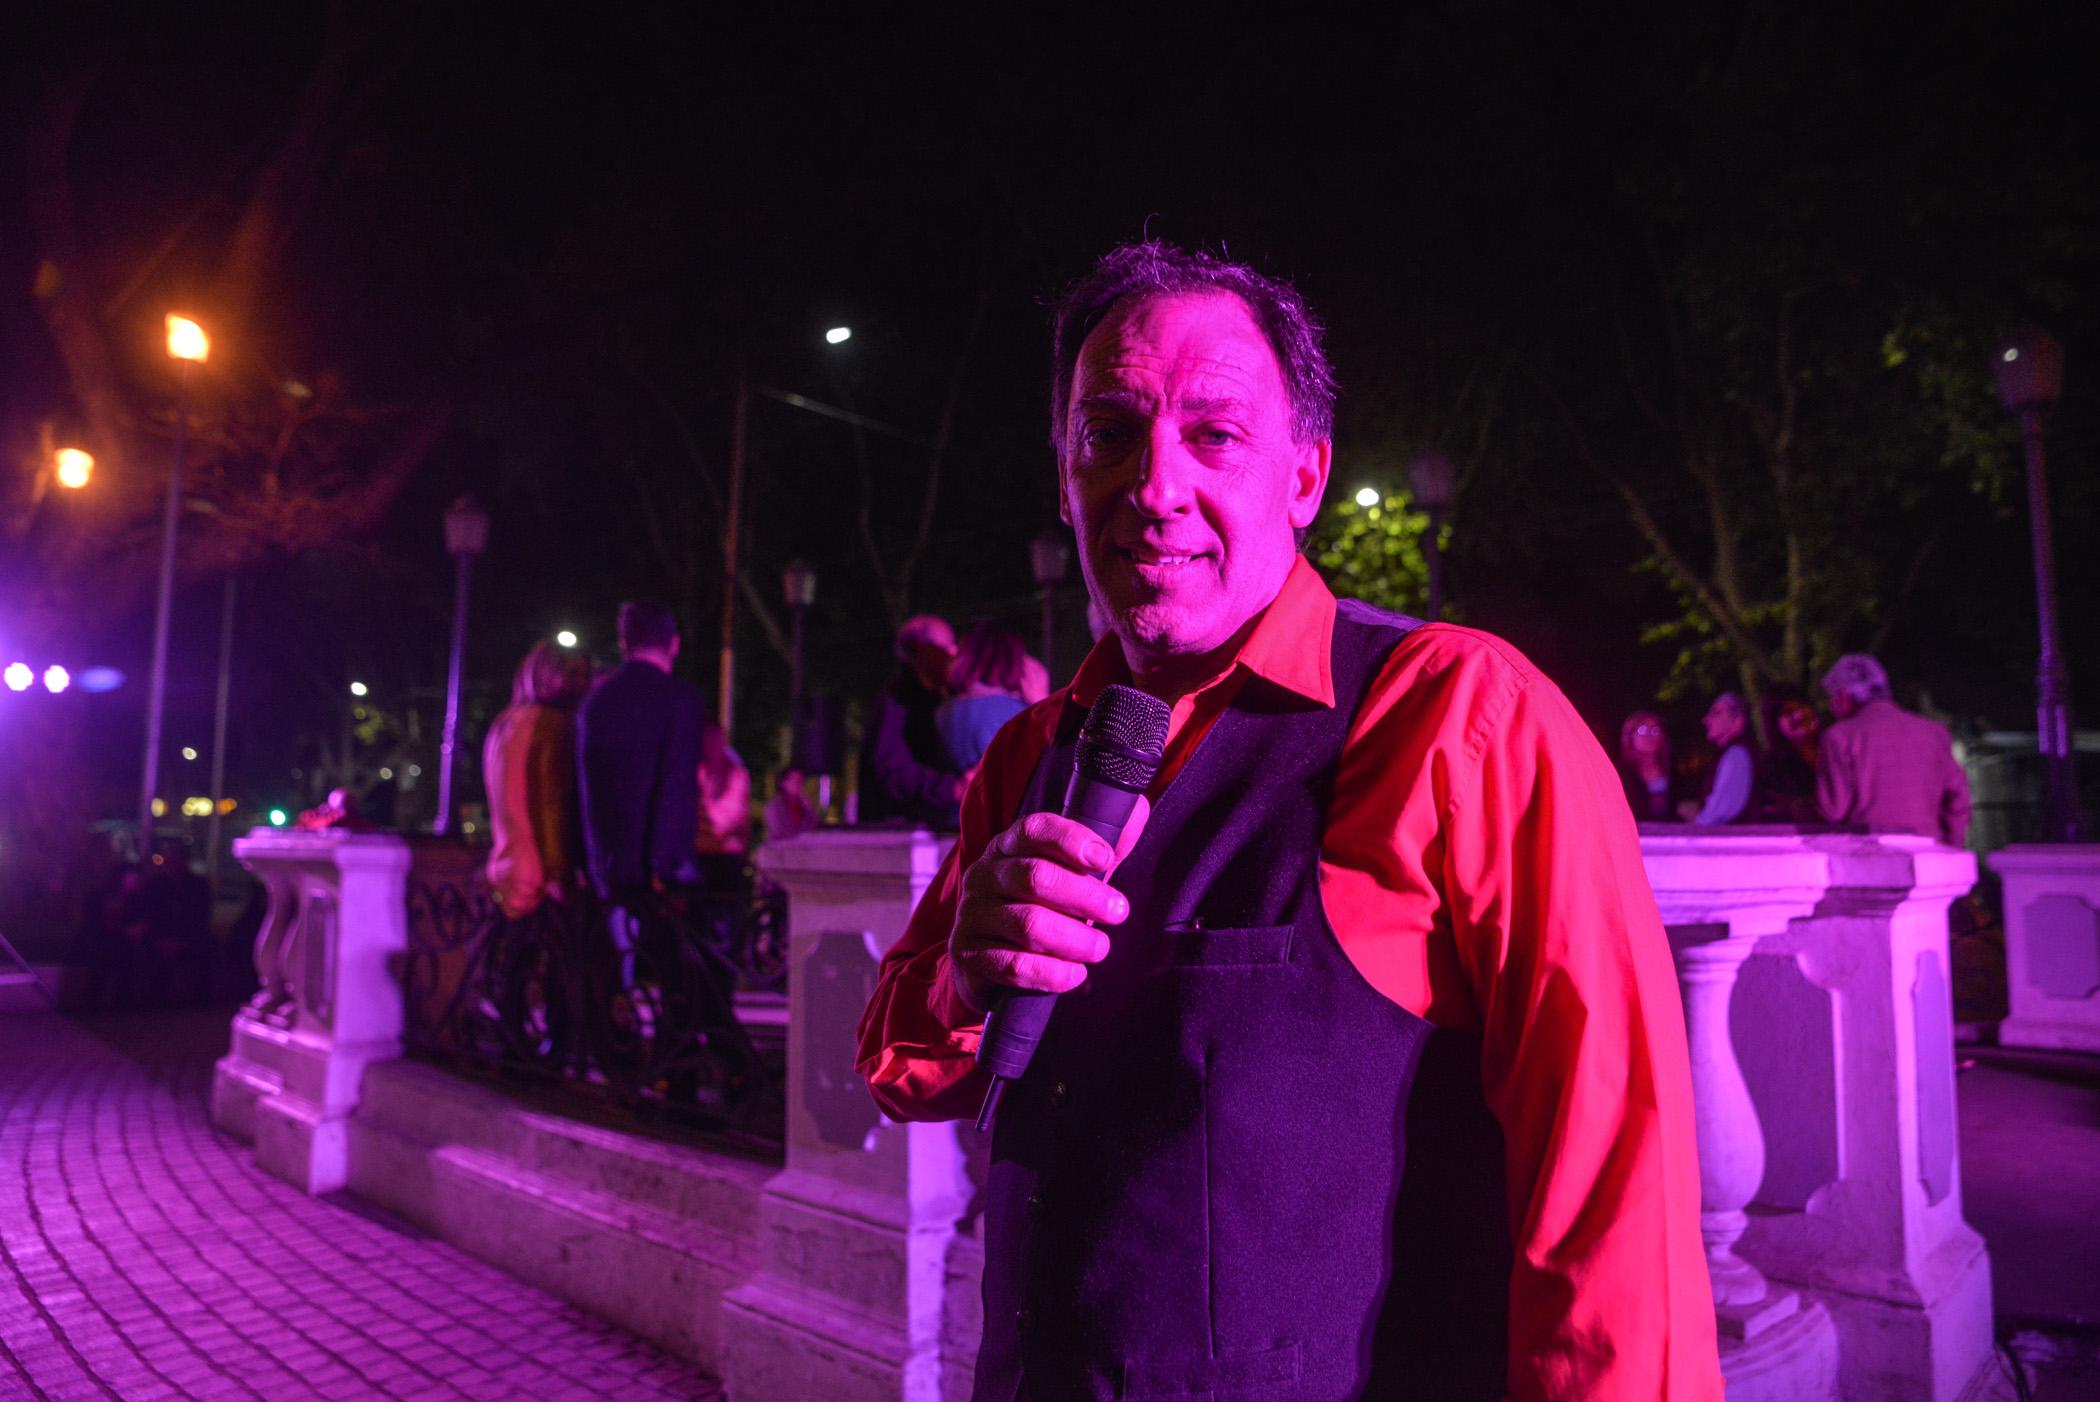 El cantor que puso la calidez de su voz en vivo a la milonga